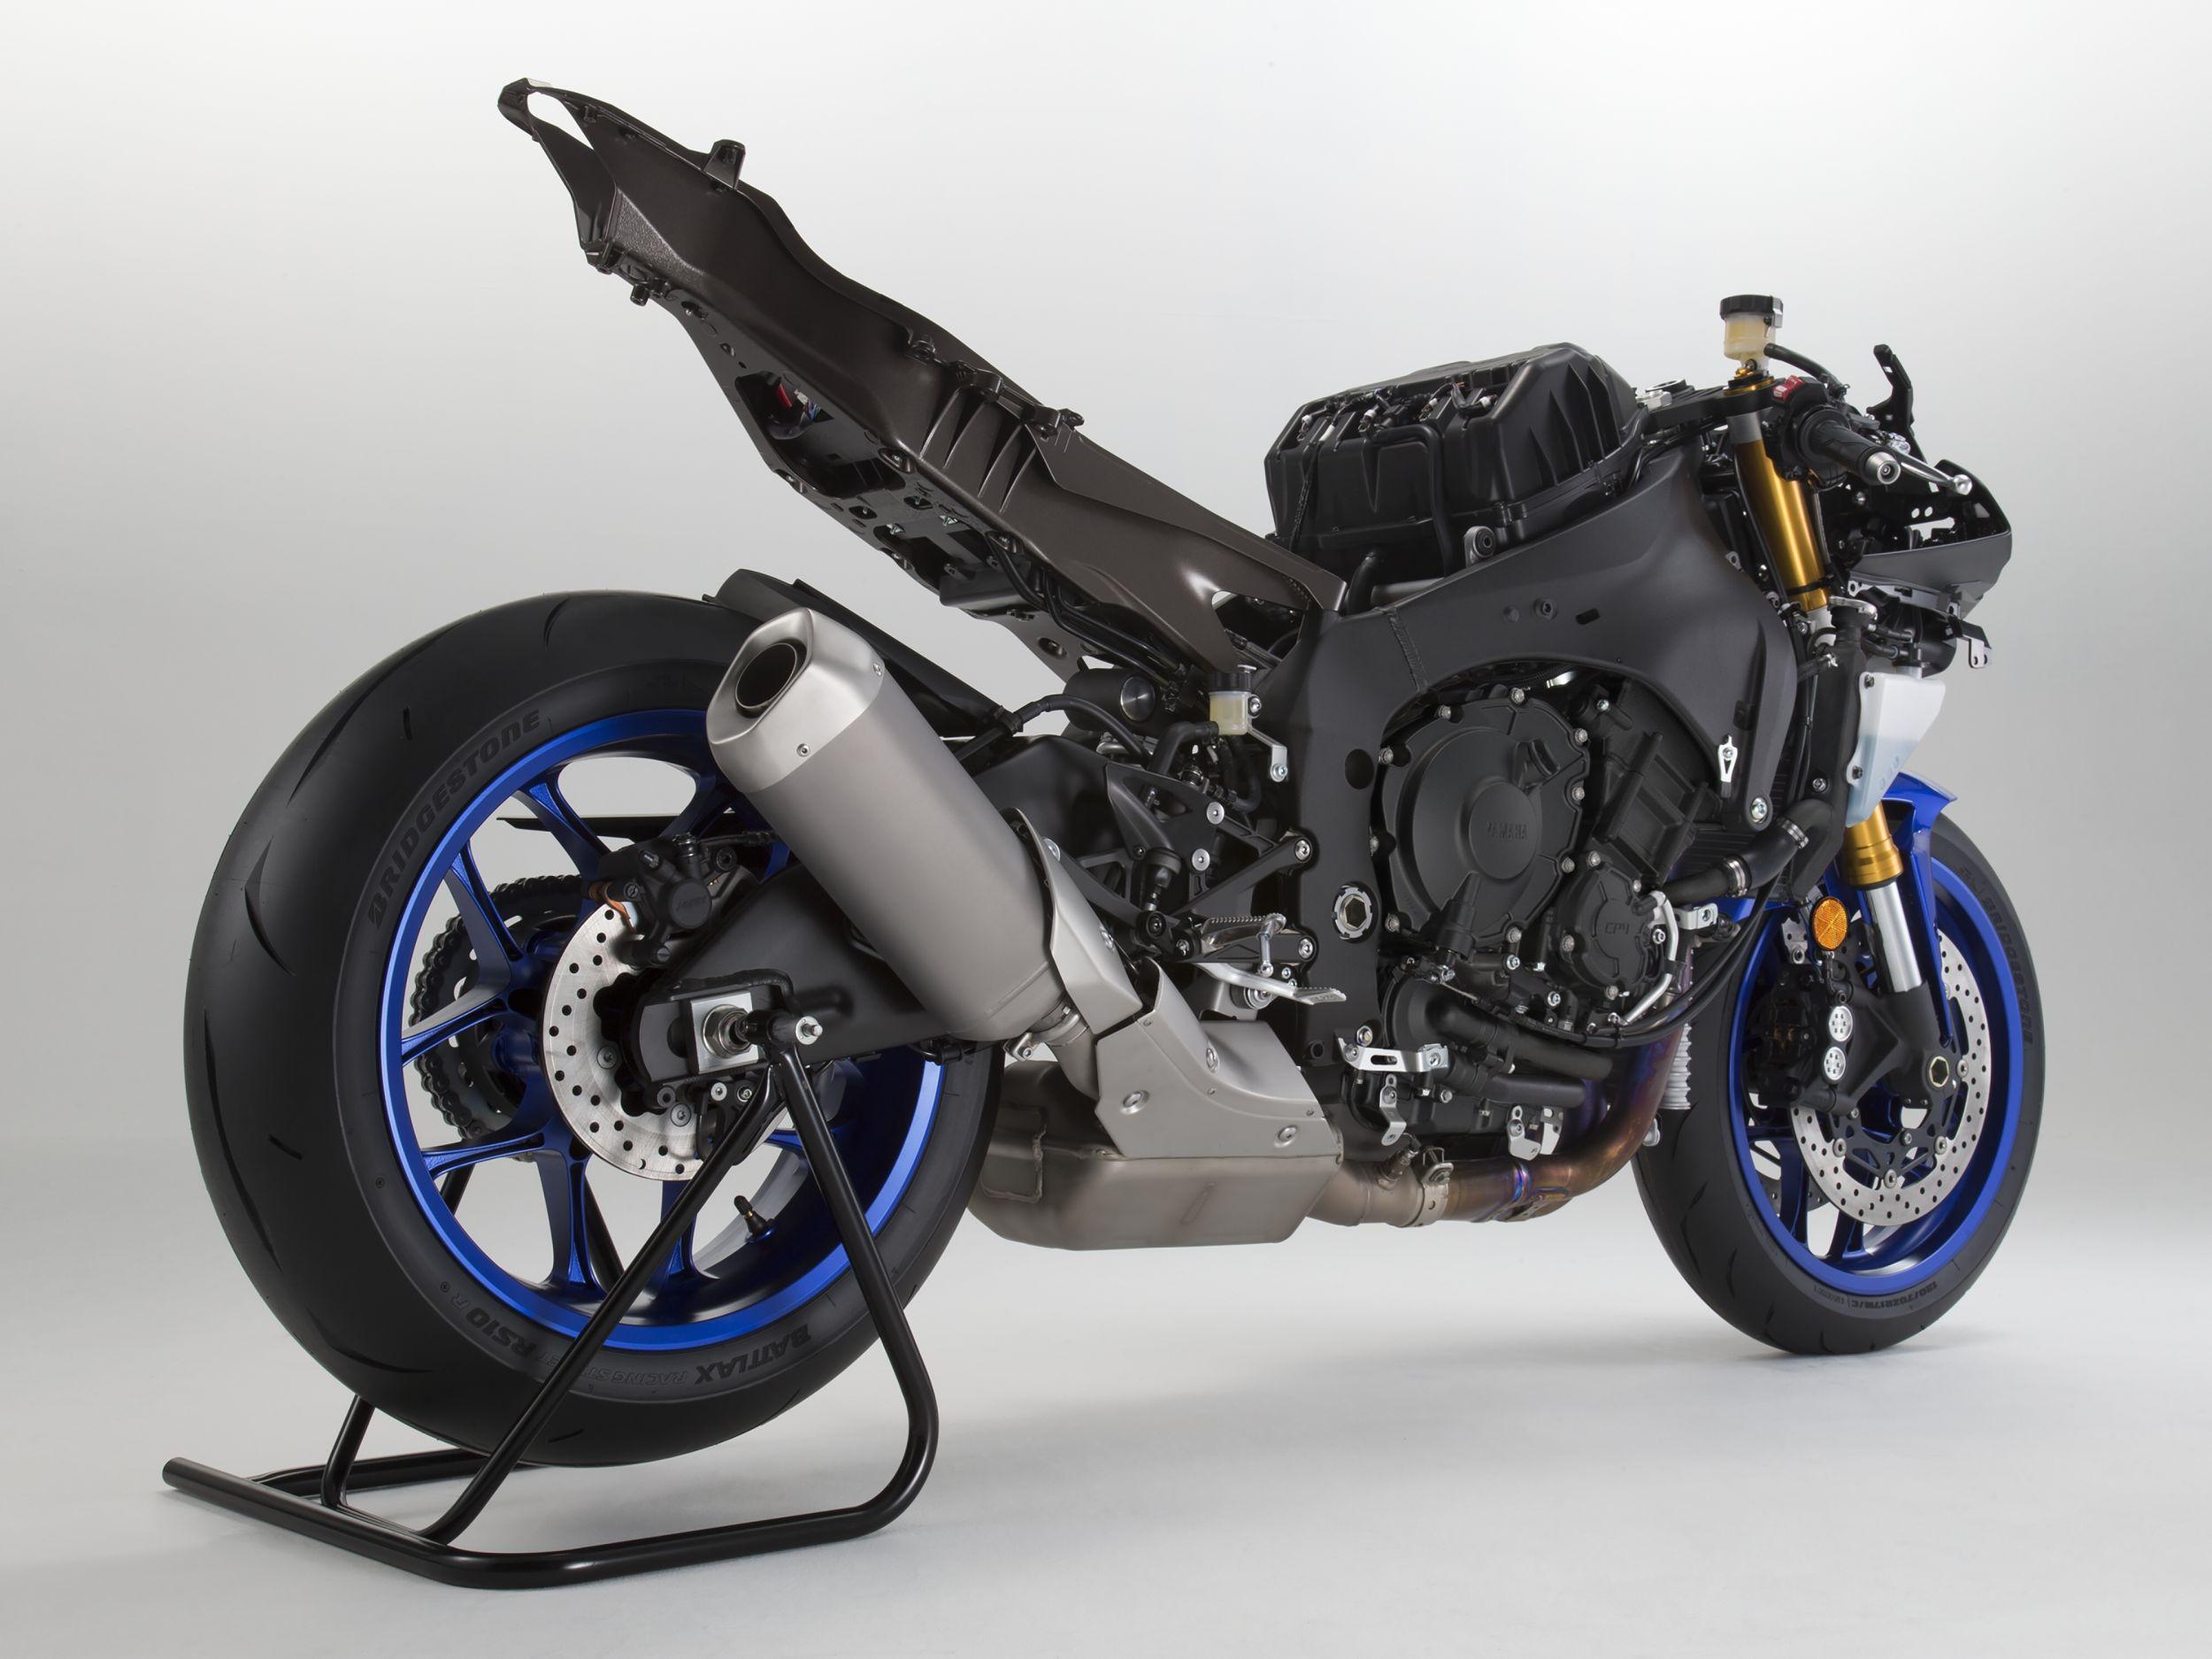 Yamaha Yzf R1 Alle Technischen Daten Zum Modell Yzf R1 Von Yamaha